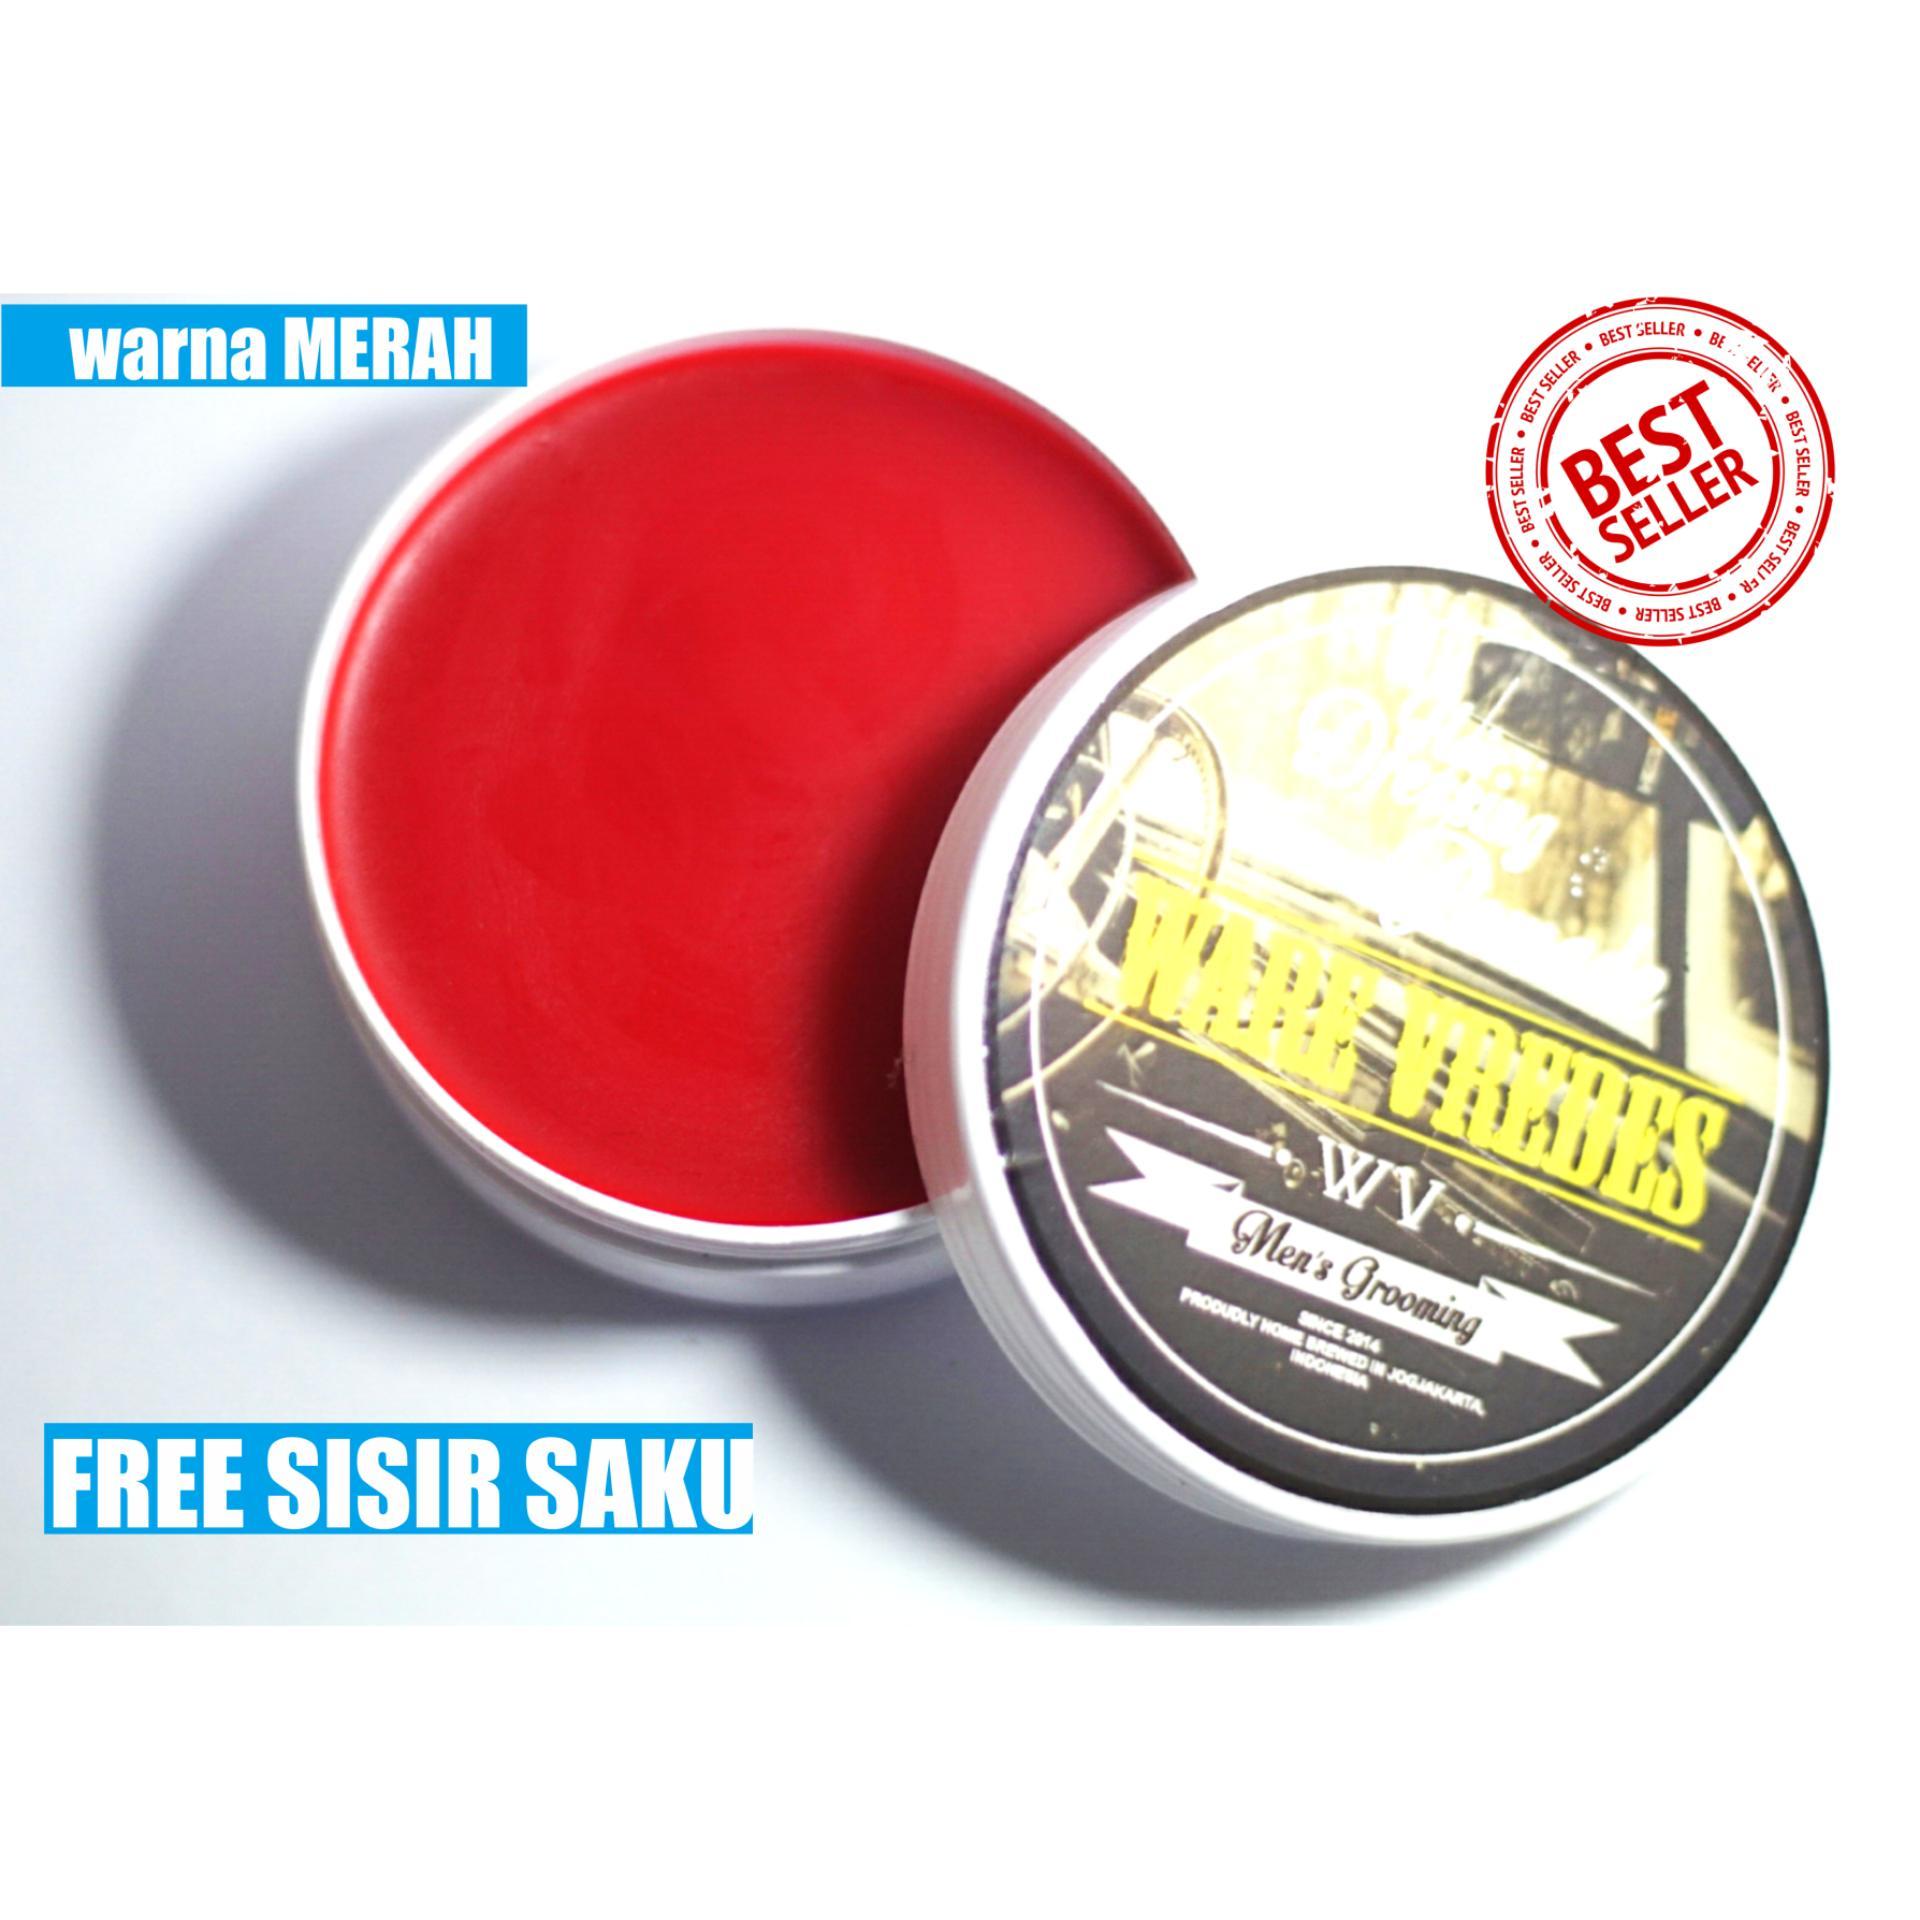 HARGA Best seller !!! Ware Vredes – Pomade Beeswax – Aroma Vanilla – Hard – Free Sisir Saku – 50 Gram Terpopuler